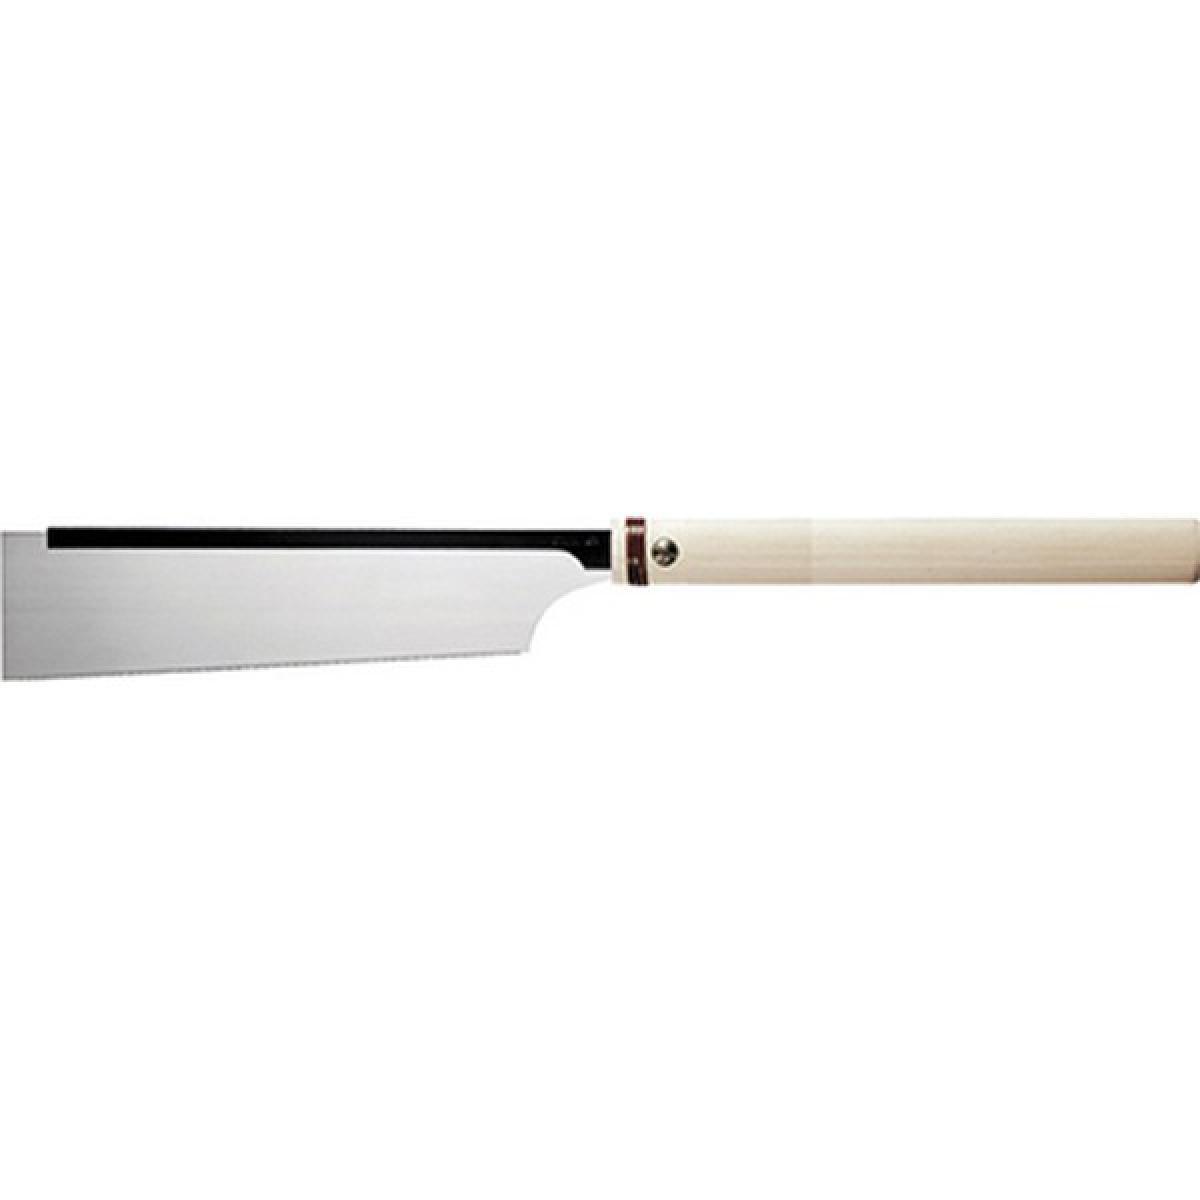 Magma Scie japonaise Dozuki, poignée bambou, longueur de lame 240 mm, Épaisseur de lame 0,3 mm